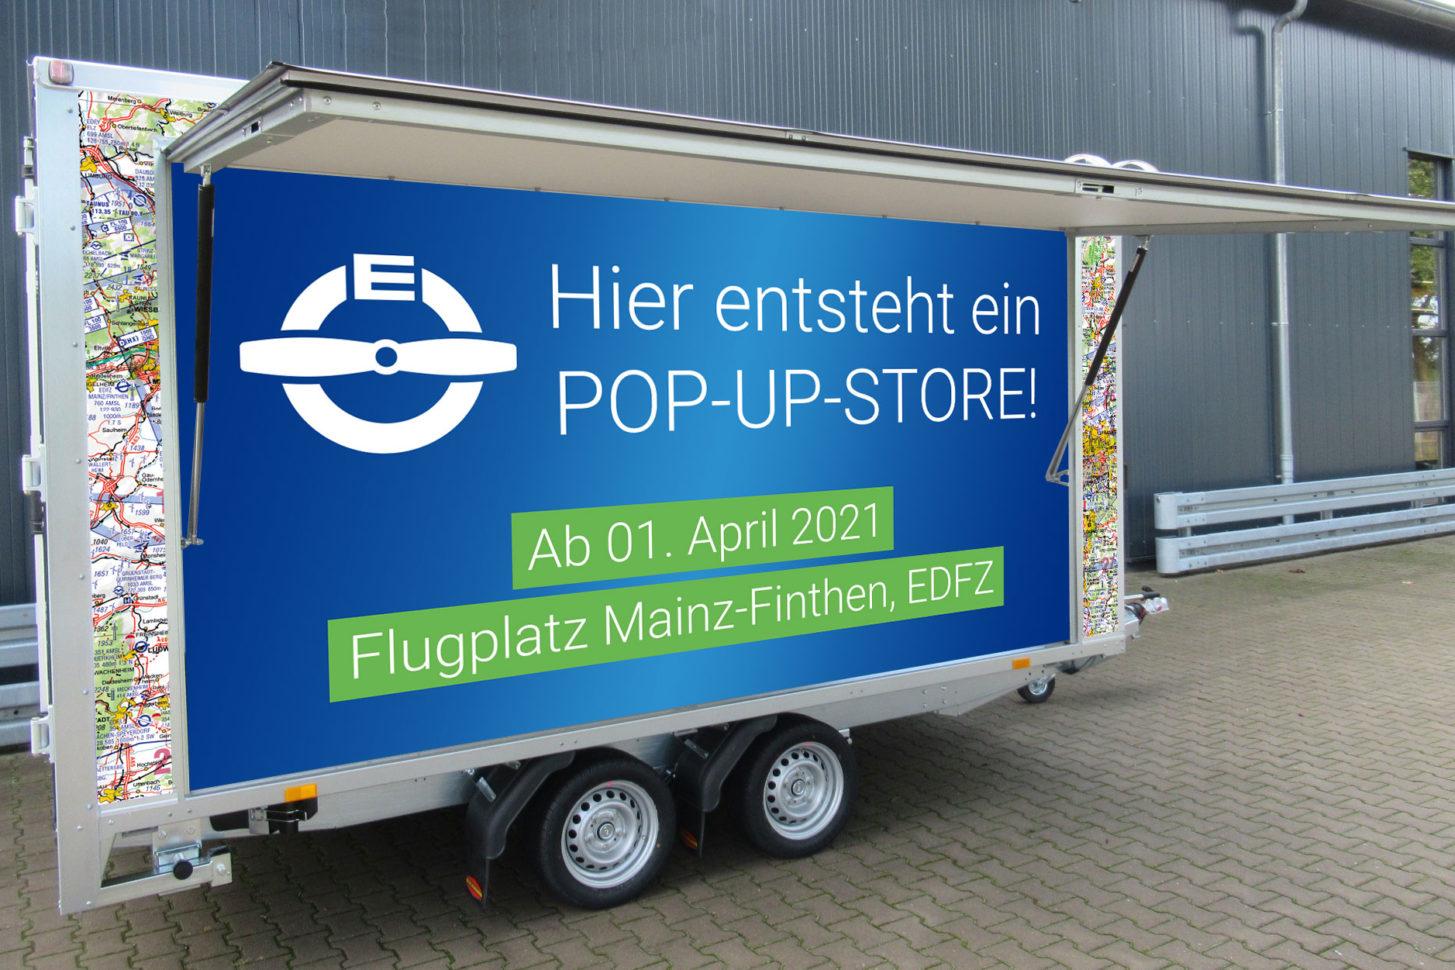 Eisenschmidt Pop-Up Store